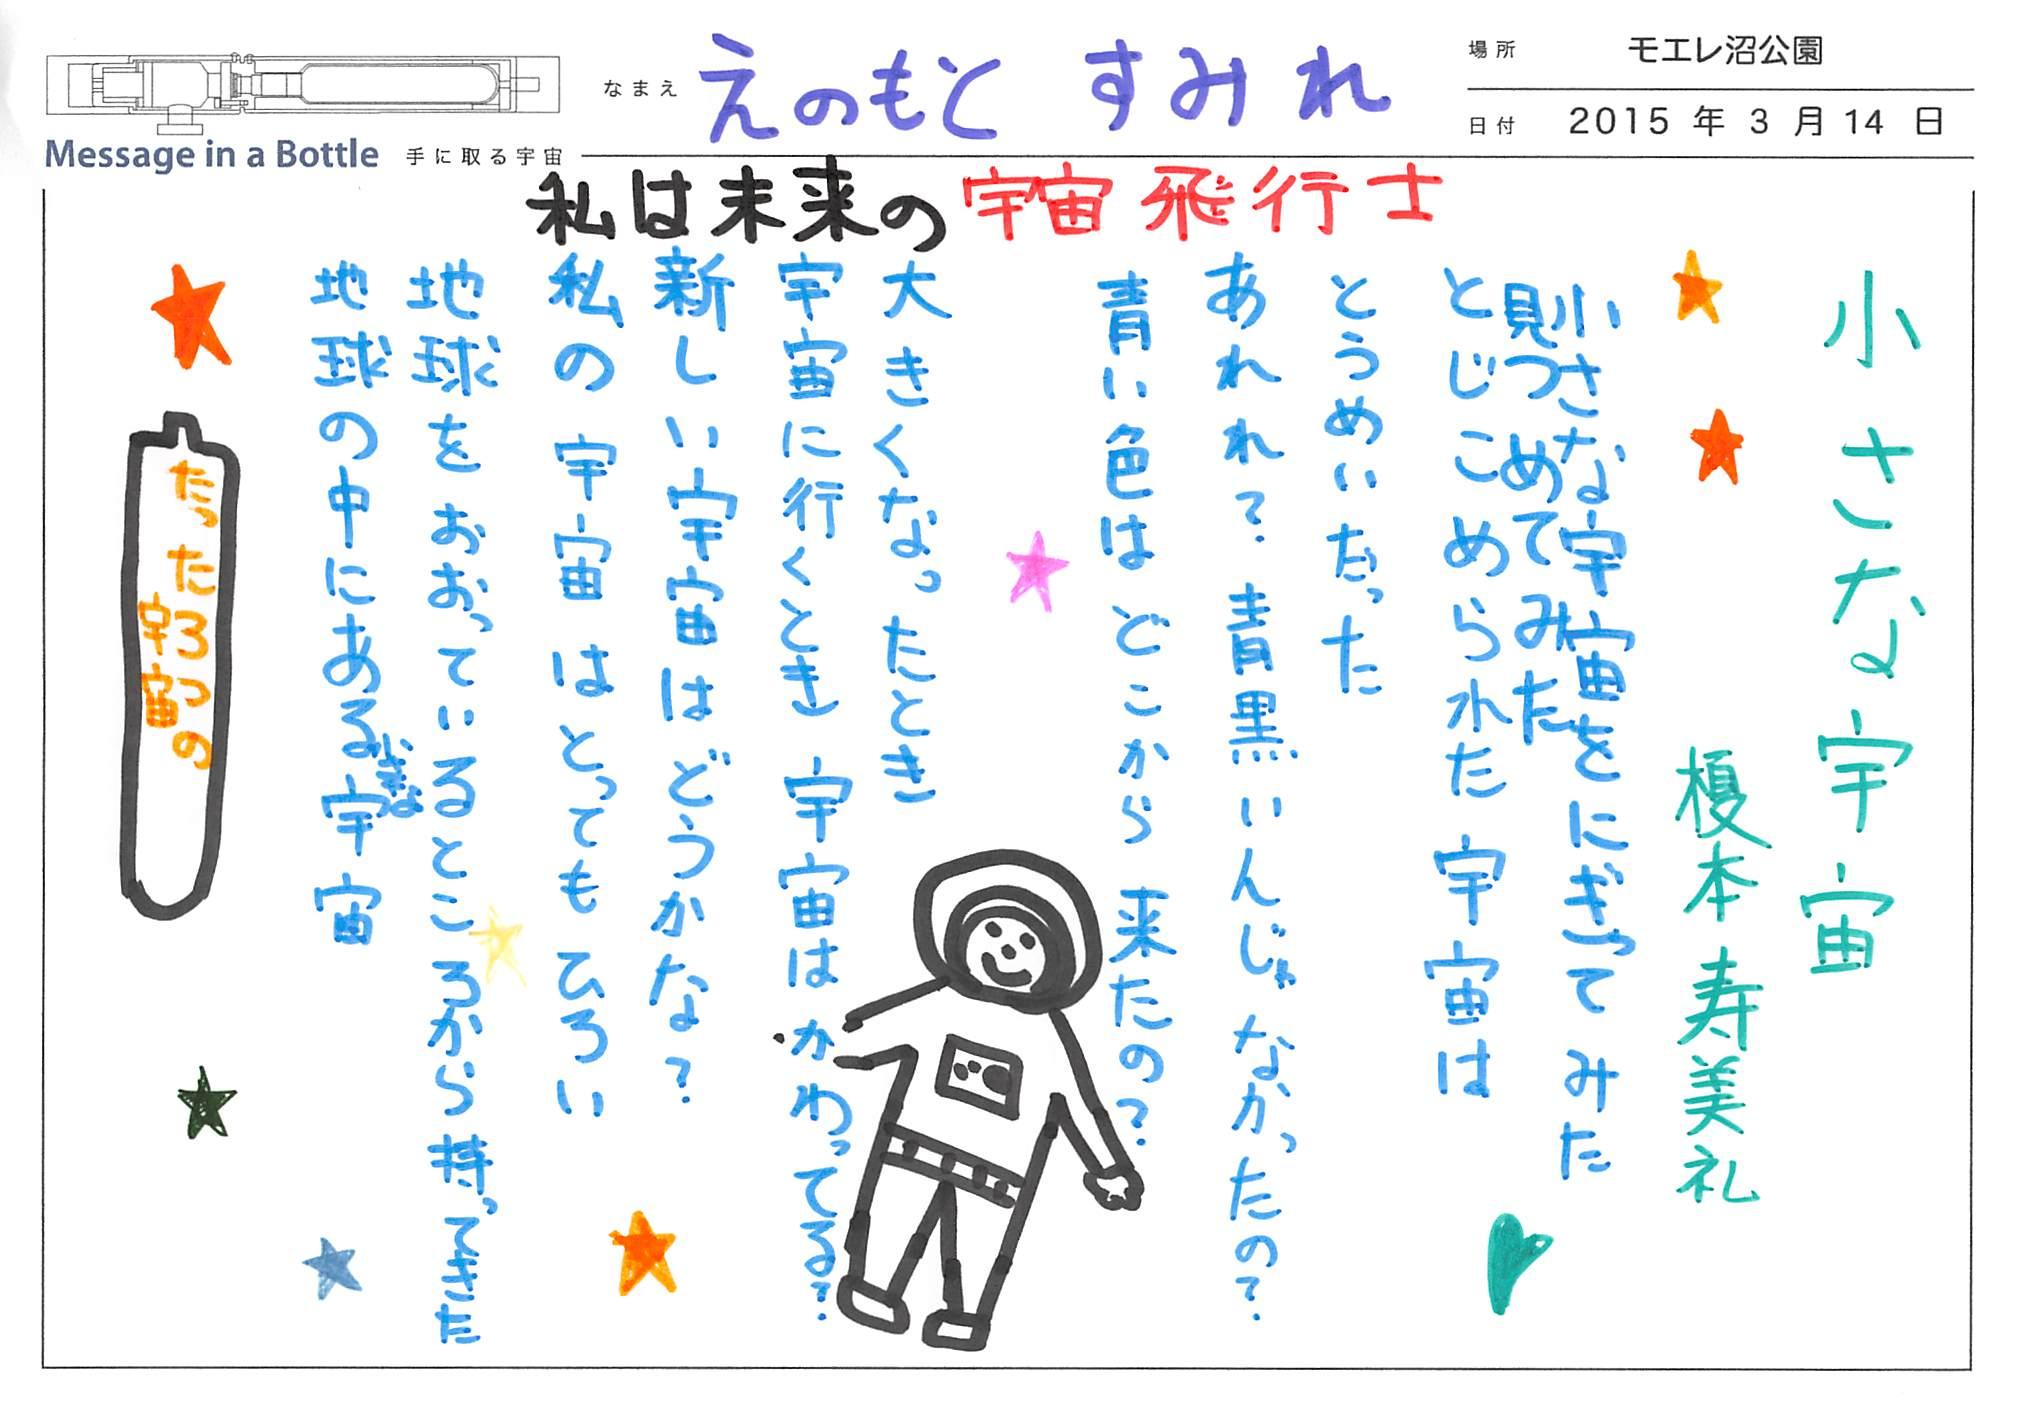 2015-03-14-18-04-23.jpg